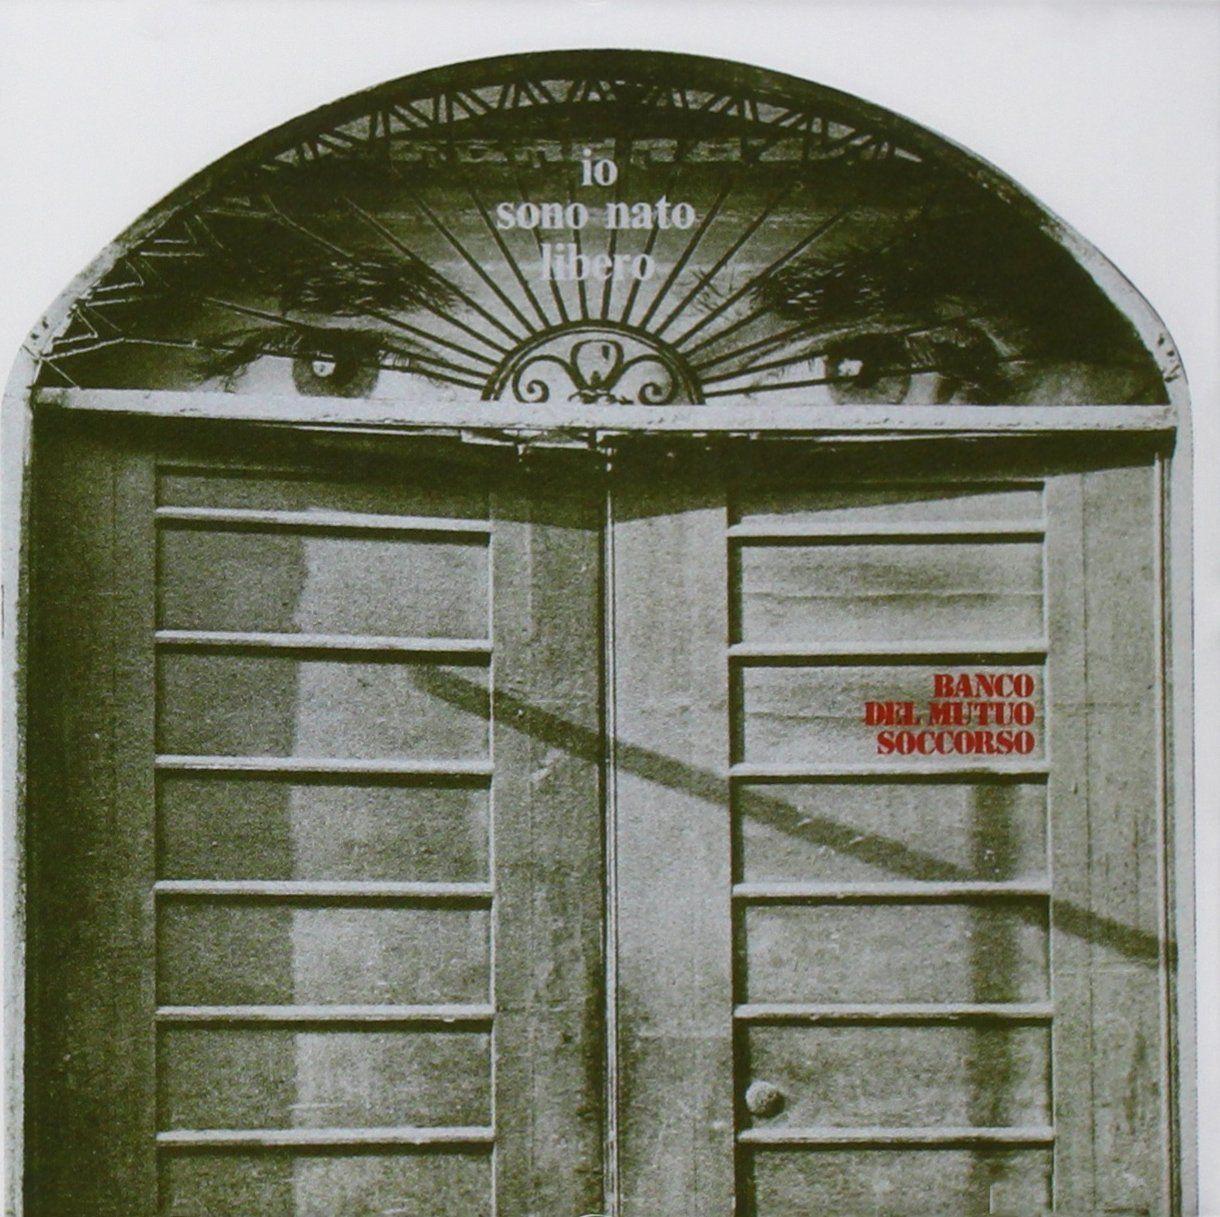 Banco del mutuo soccorso io sono nato libero album covers